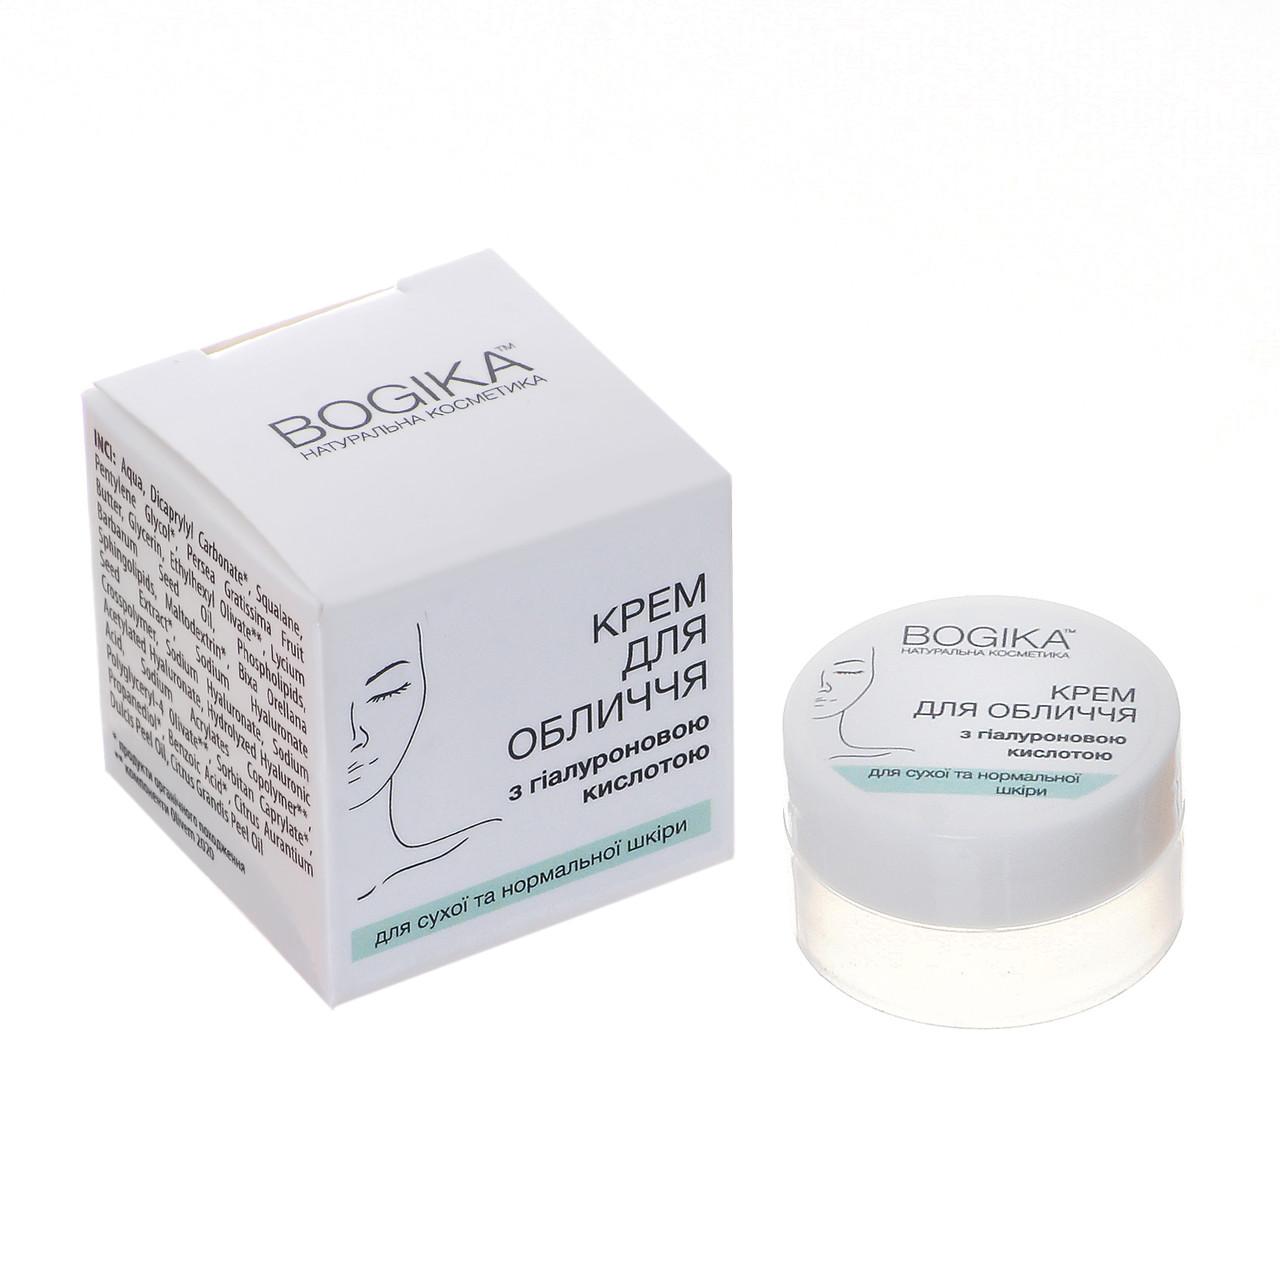 Крем для обличчя для сухої та нормальної шкіри, з гіалуроновою кислотою, 5 мл BOGIKA